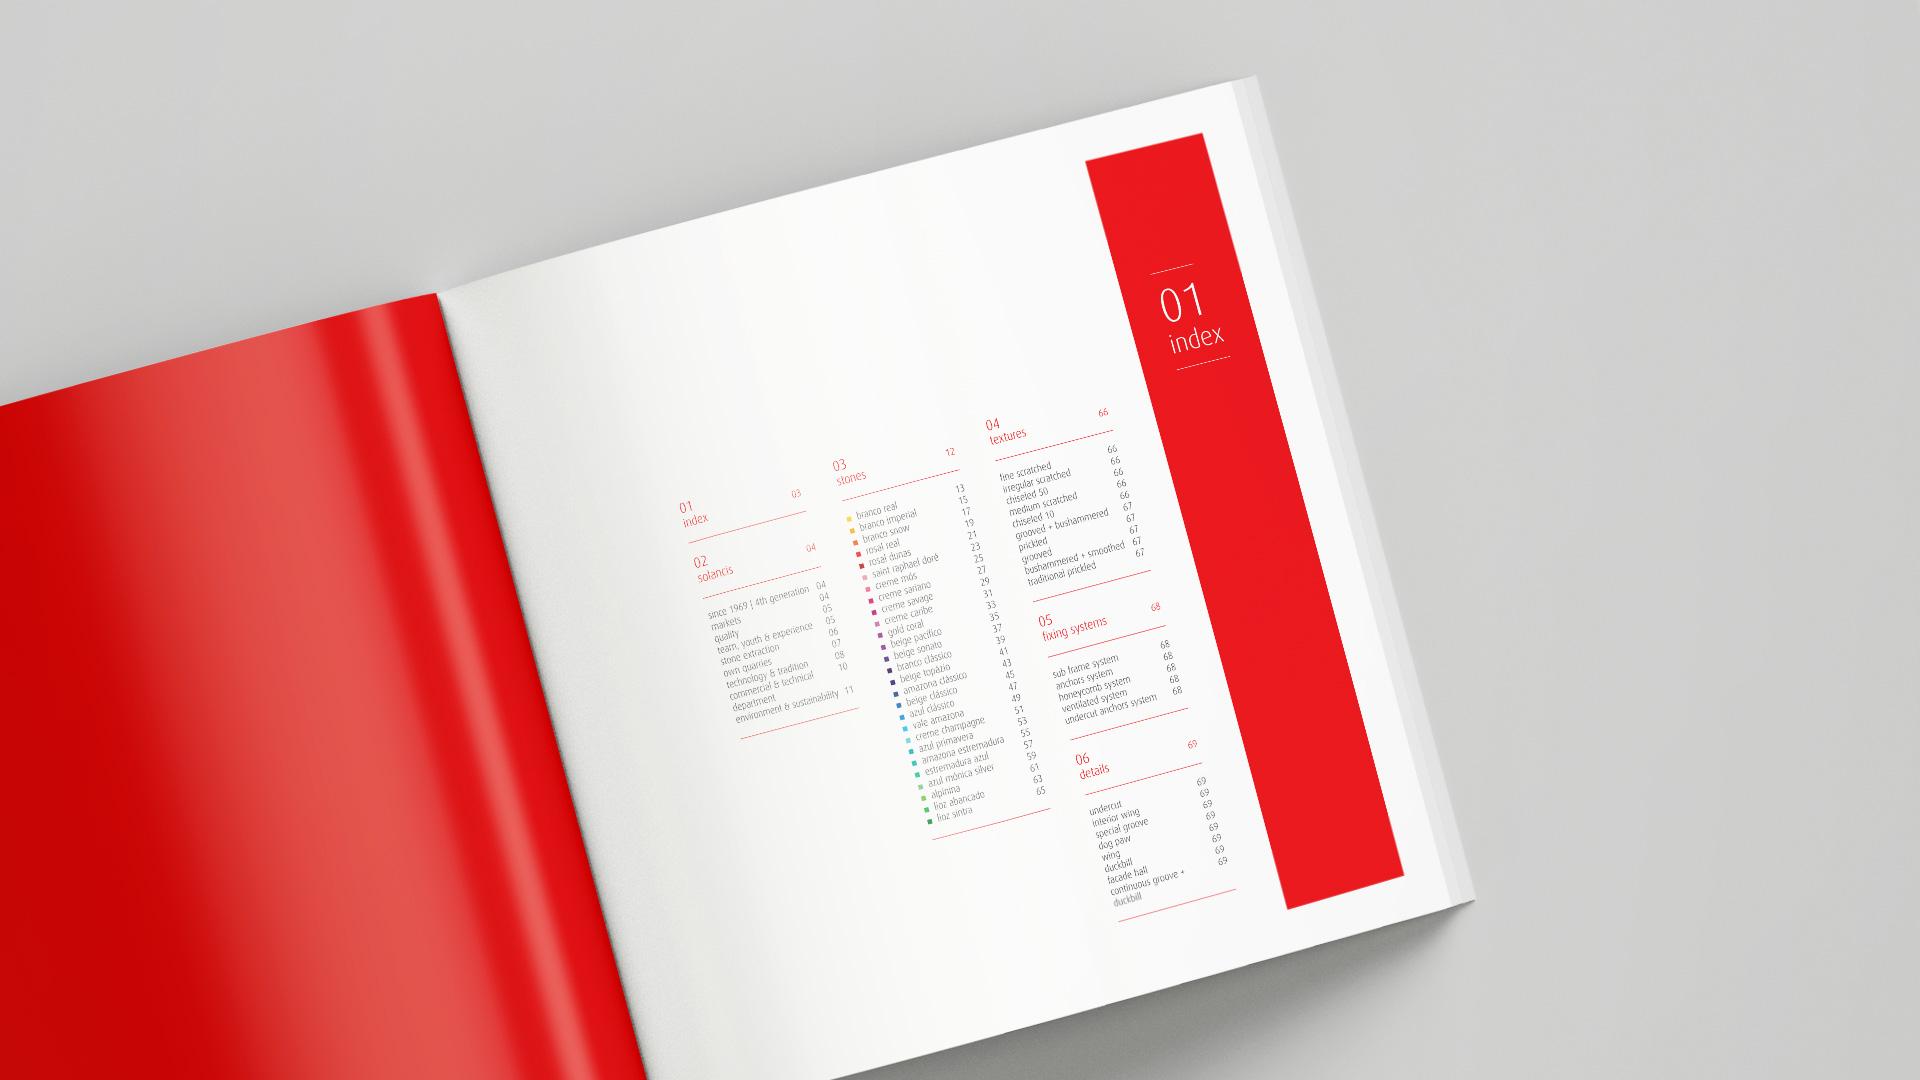 18_DETAILS_INDEX_catalogo_solancis